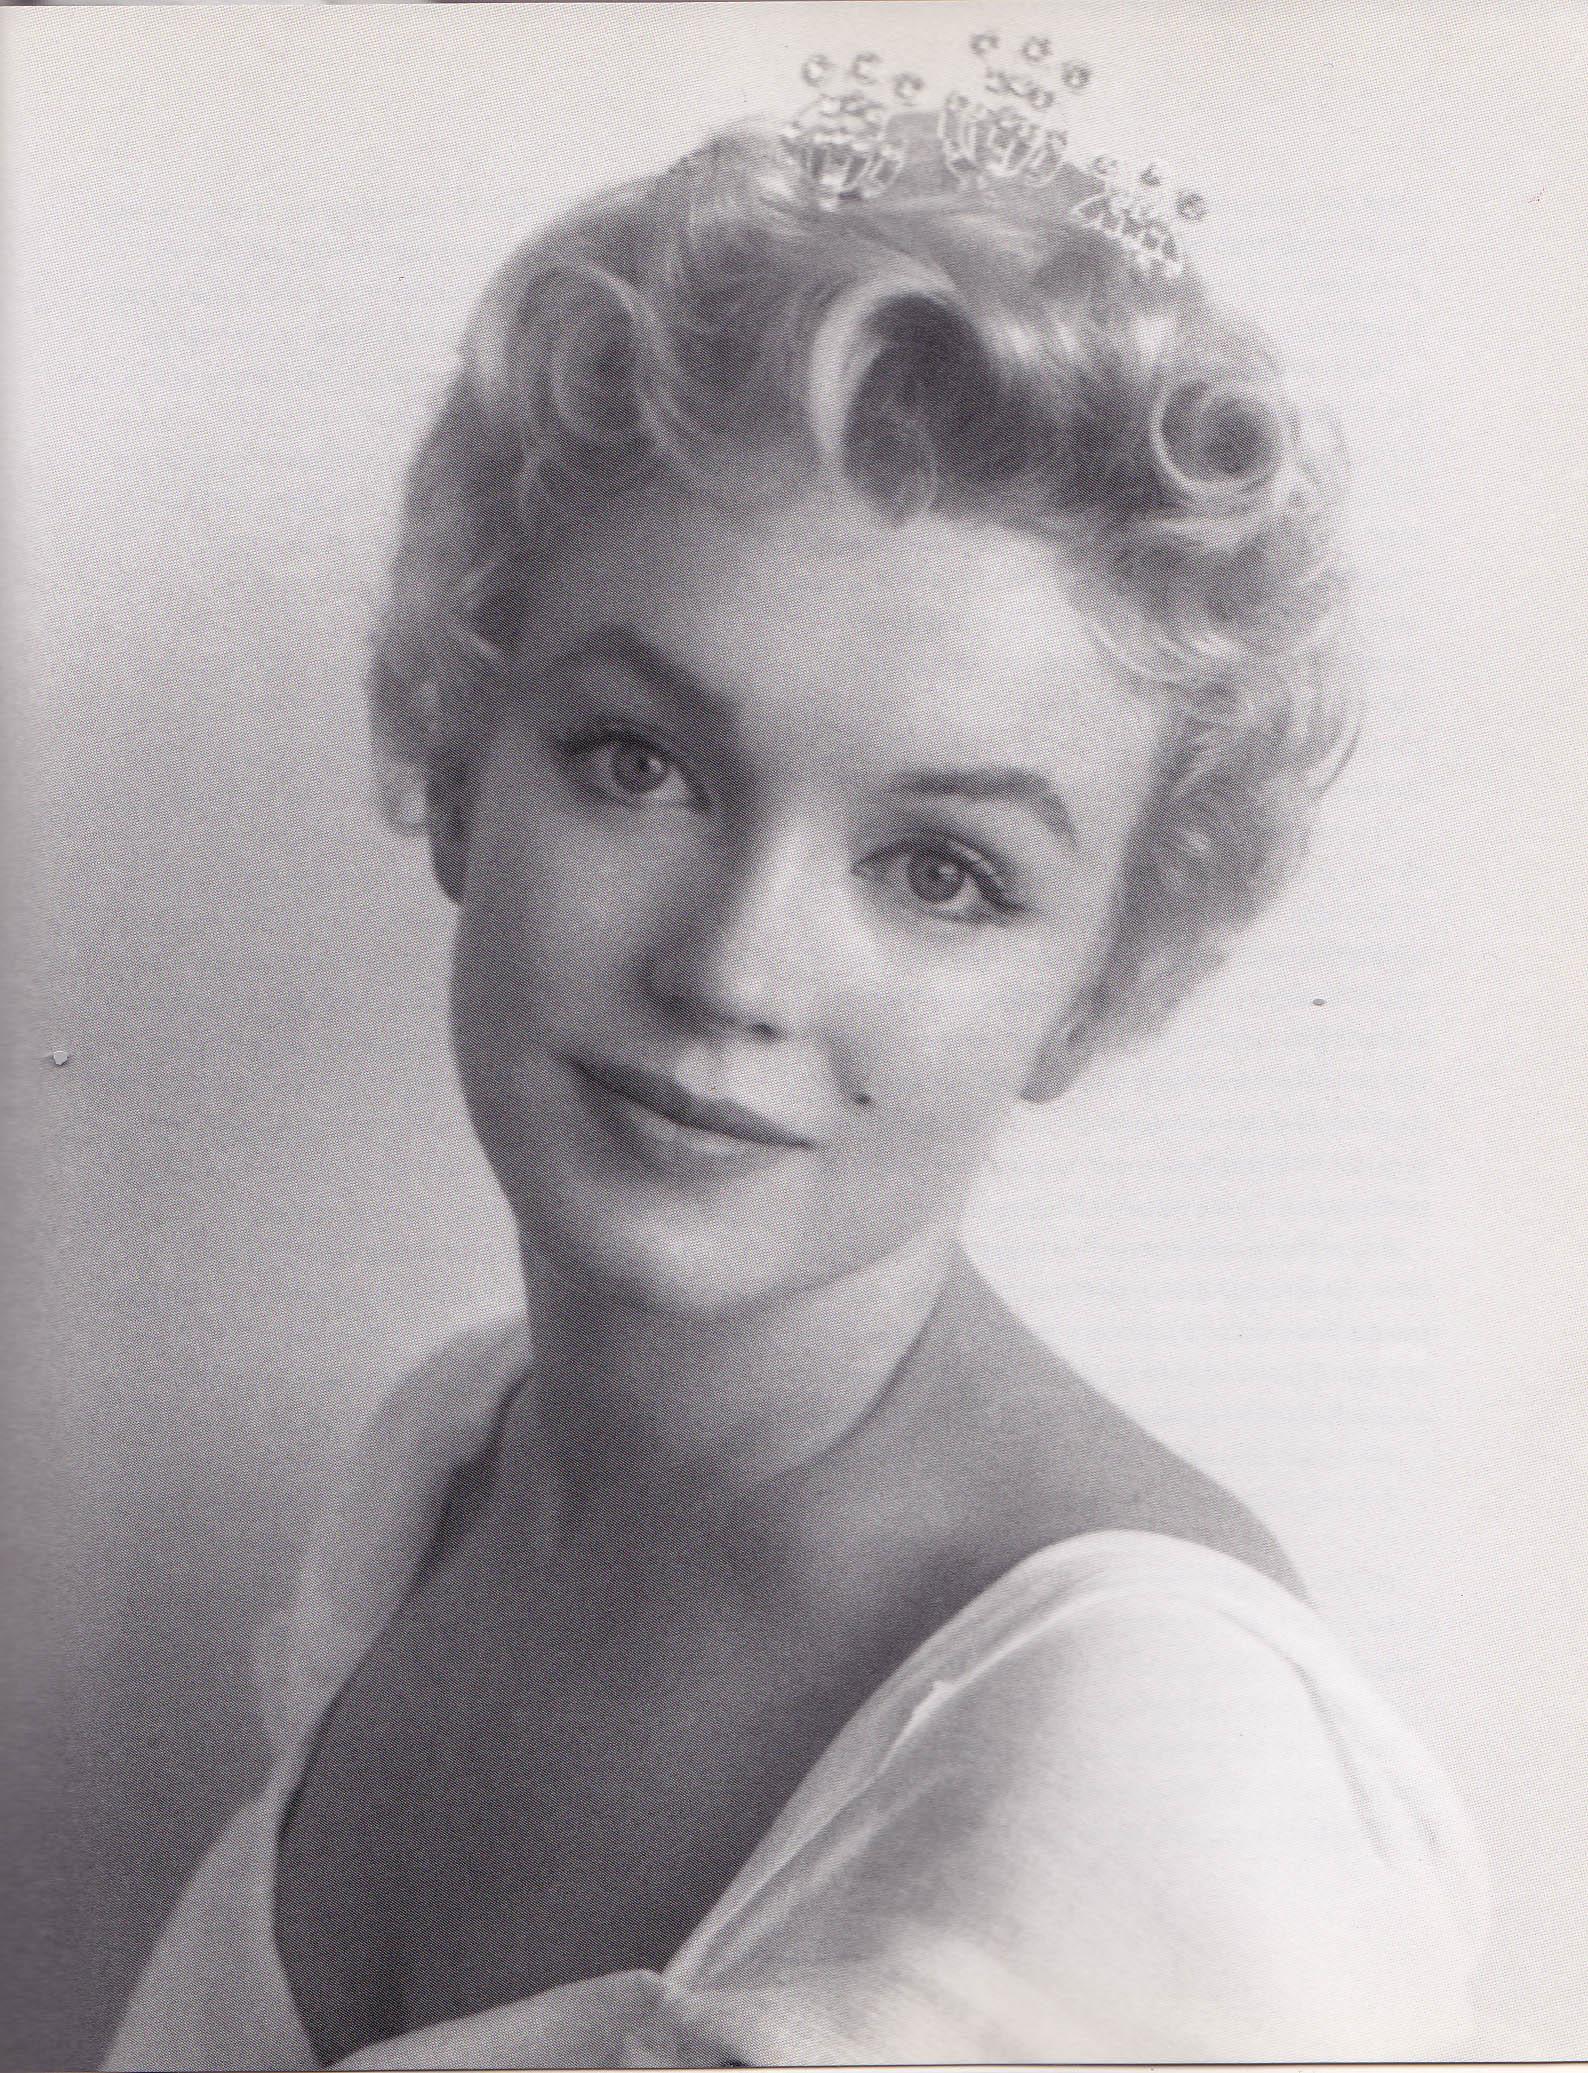 Marilyn S Makeup Secrets Part 2 The Tips I Get A Kick